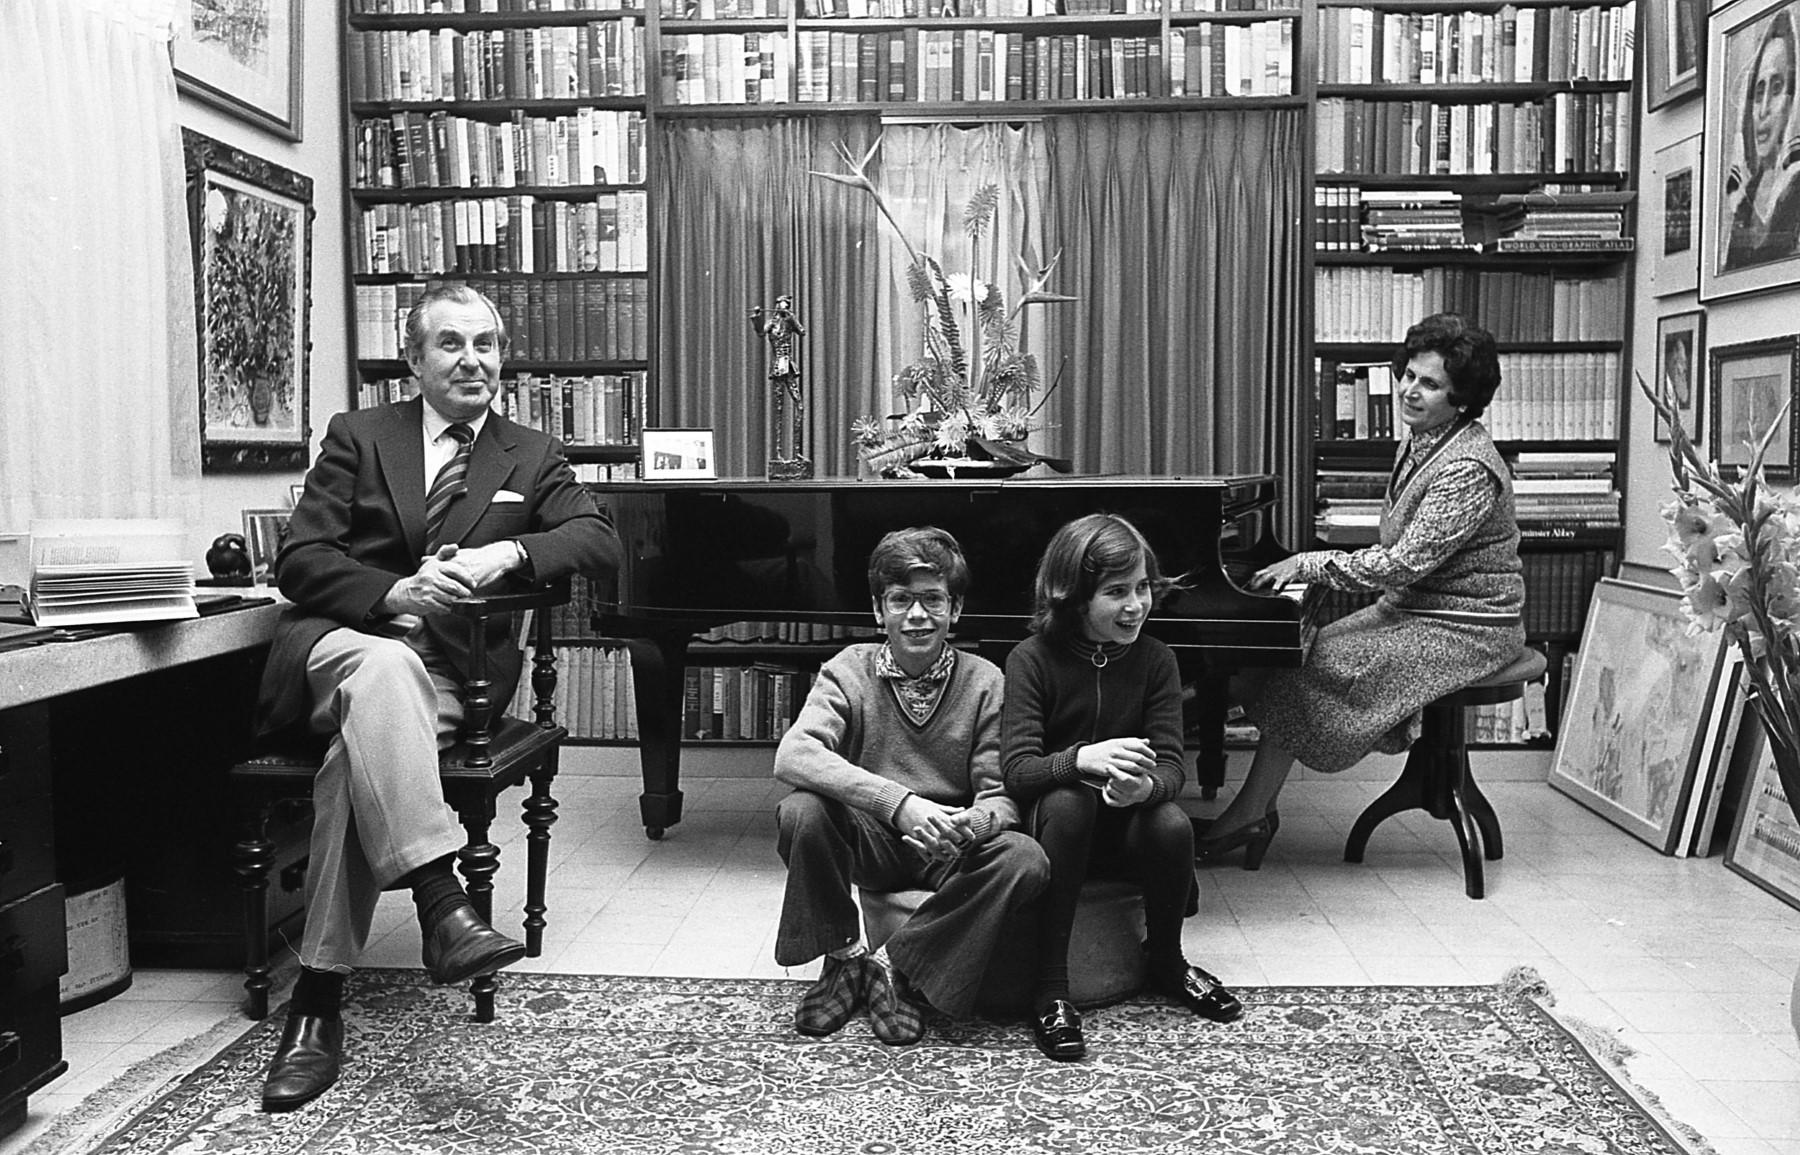 1נשיא המדינה לשעבר חיים הרצוג עם אשתו אורה והילדים יצחק ורונית. צילום יעל רוזן, פברואר 1975